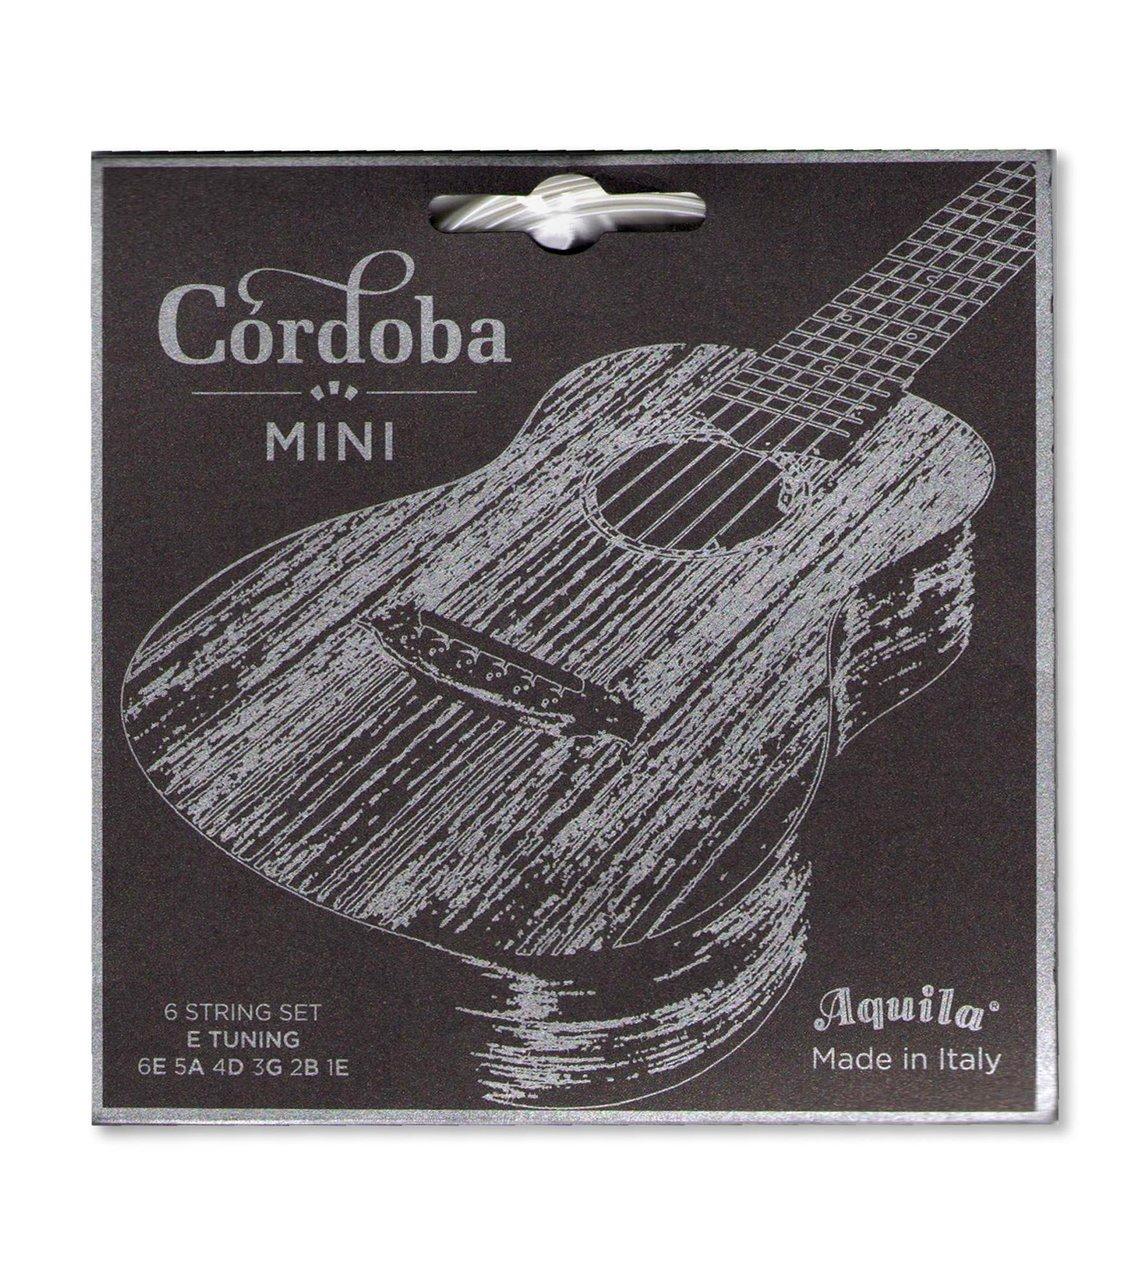 Cordoba struny pro MINI kytaru, E-ladění